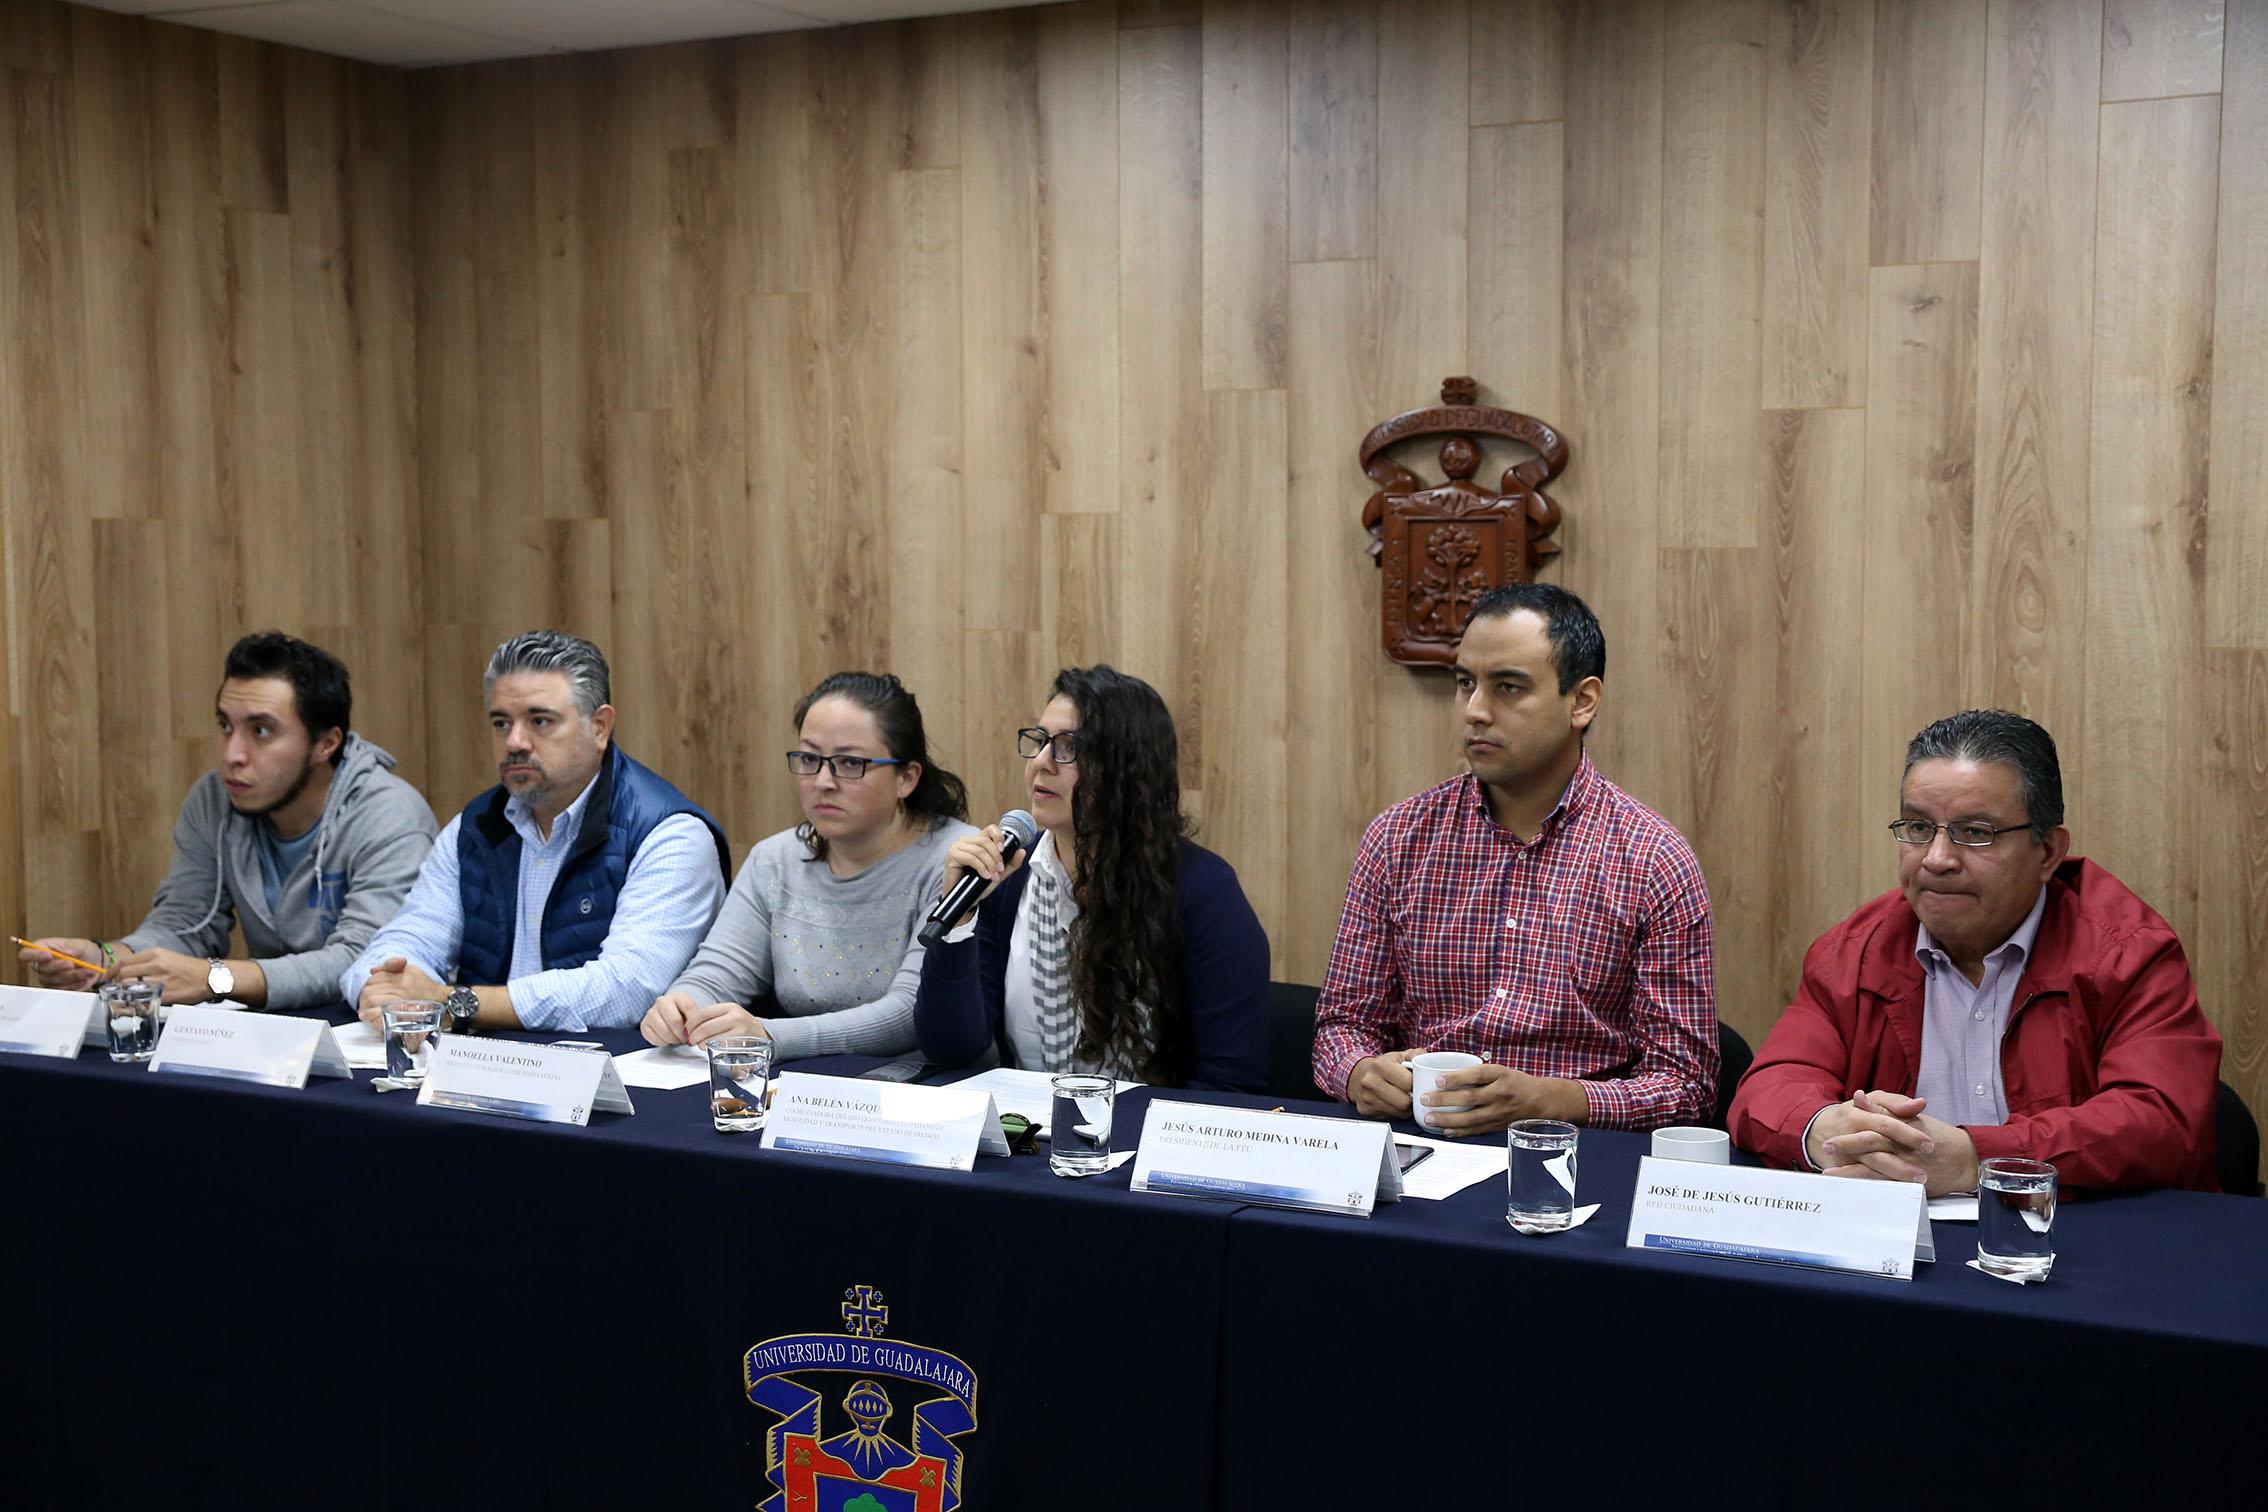 seis personas participaron en la mesa de presidium de la rueda de prensa